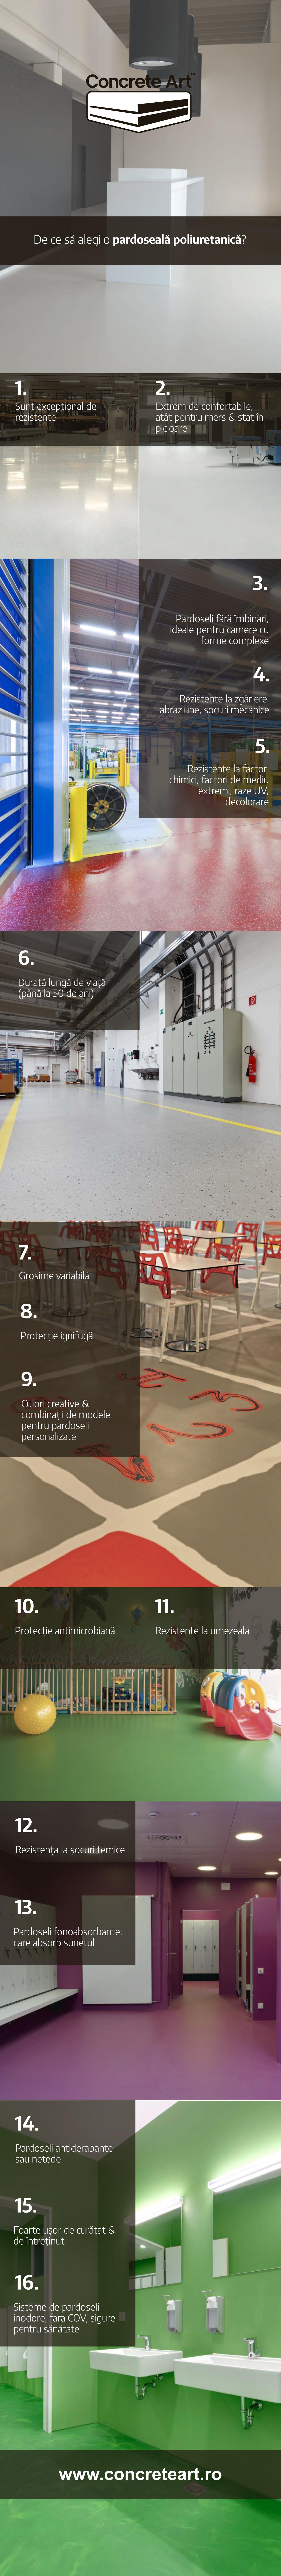 Avantajele pardoselilor poliuretanice | Infografic Concrete Art